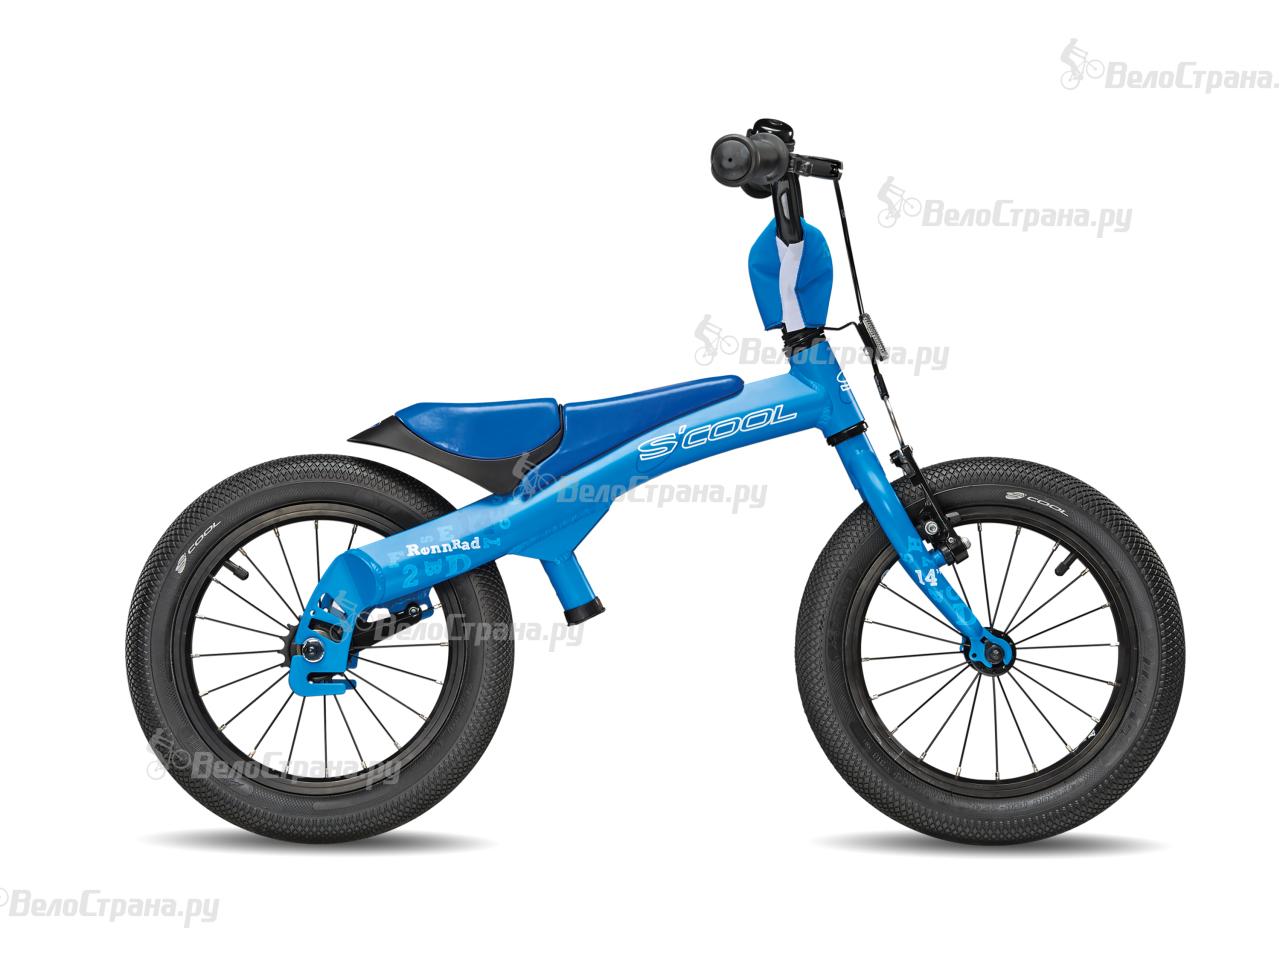 Велосипед Scool Rennrad 14 (2017) велосипед scool rennrad 14 elite 2016